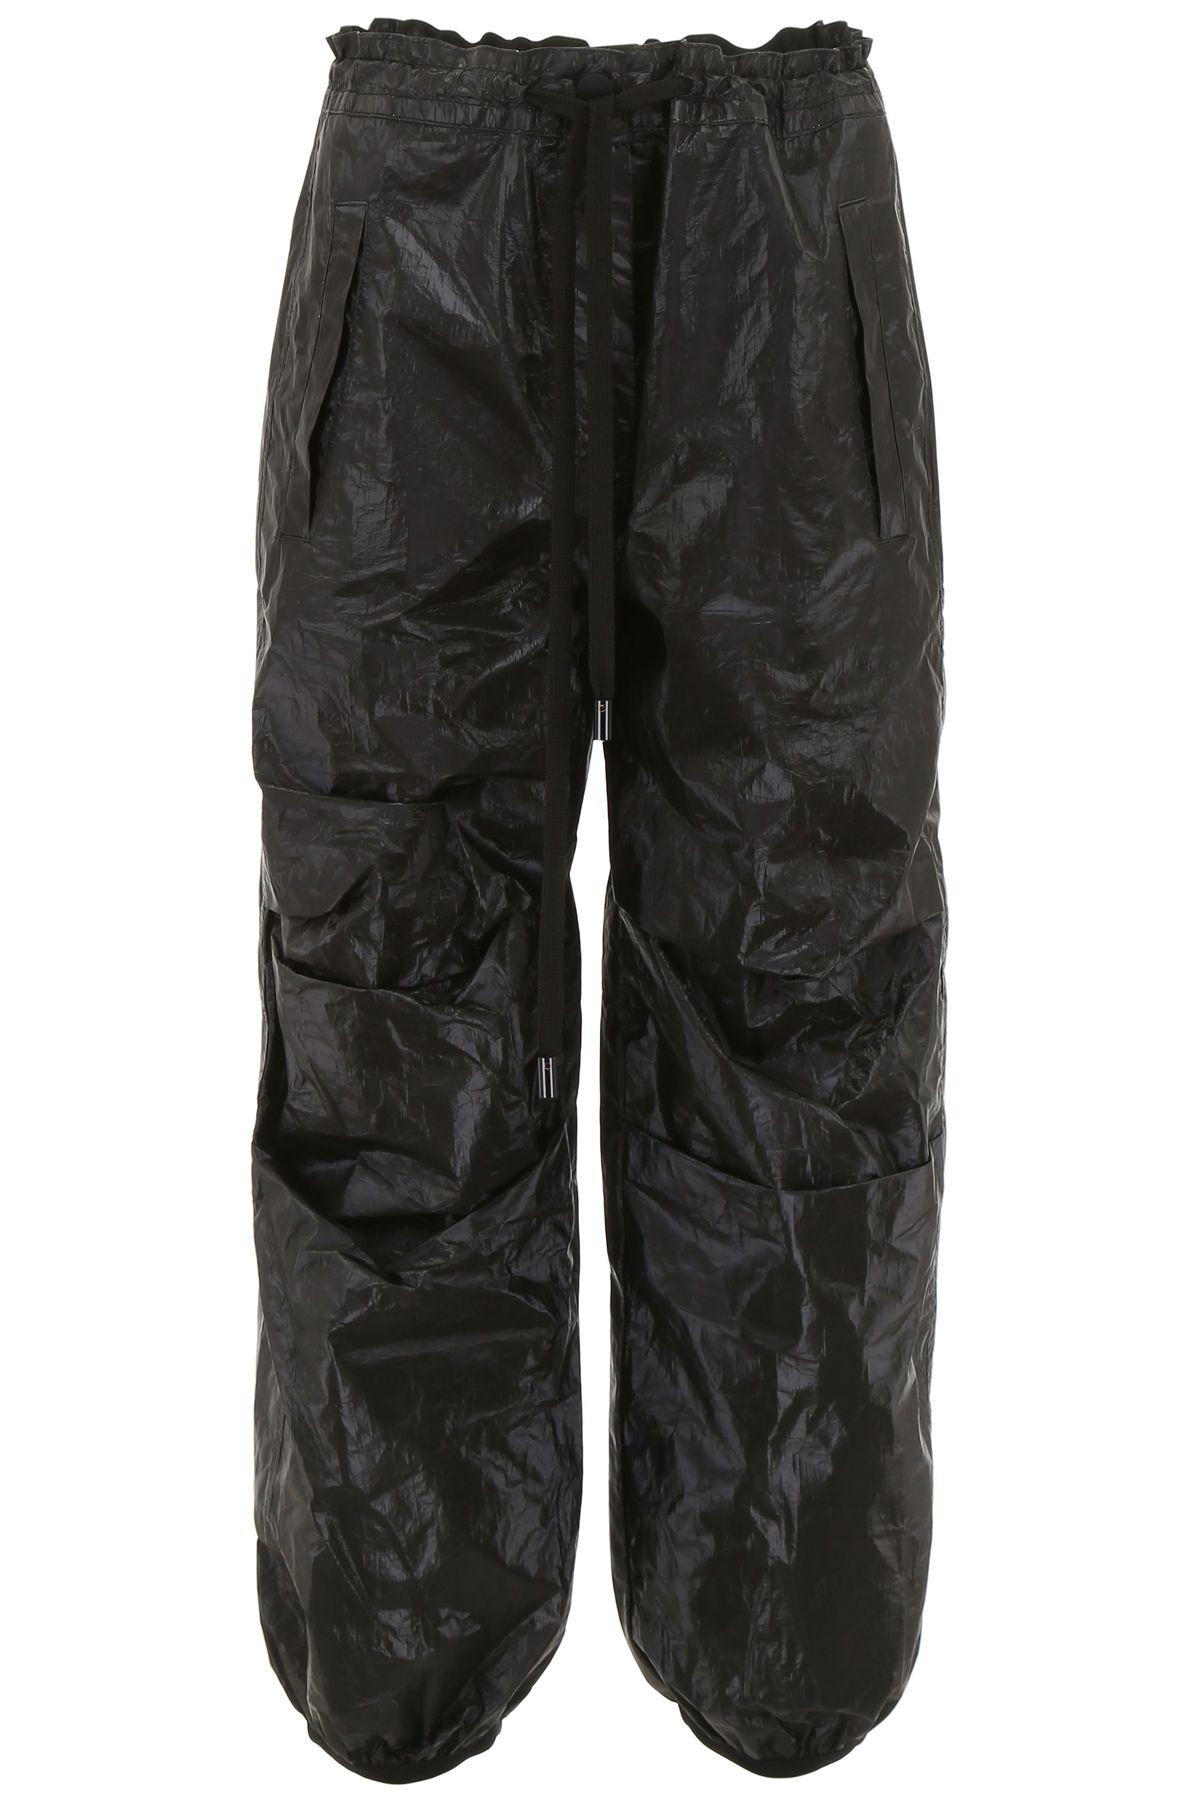 SCRAMBLED EGO Cargo Trousers in Black